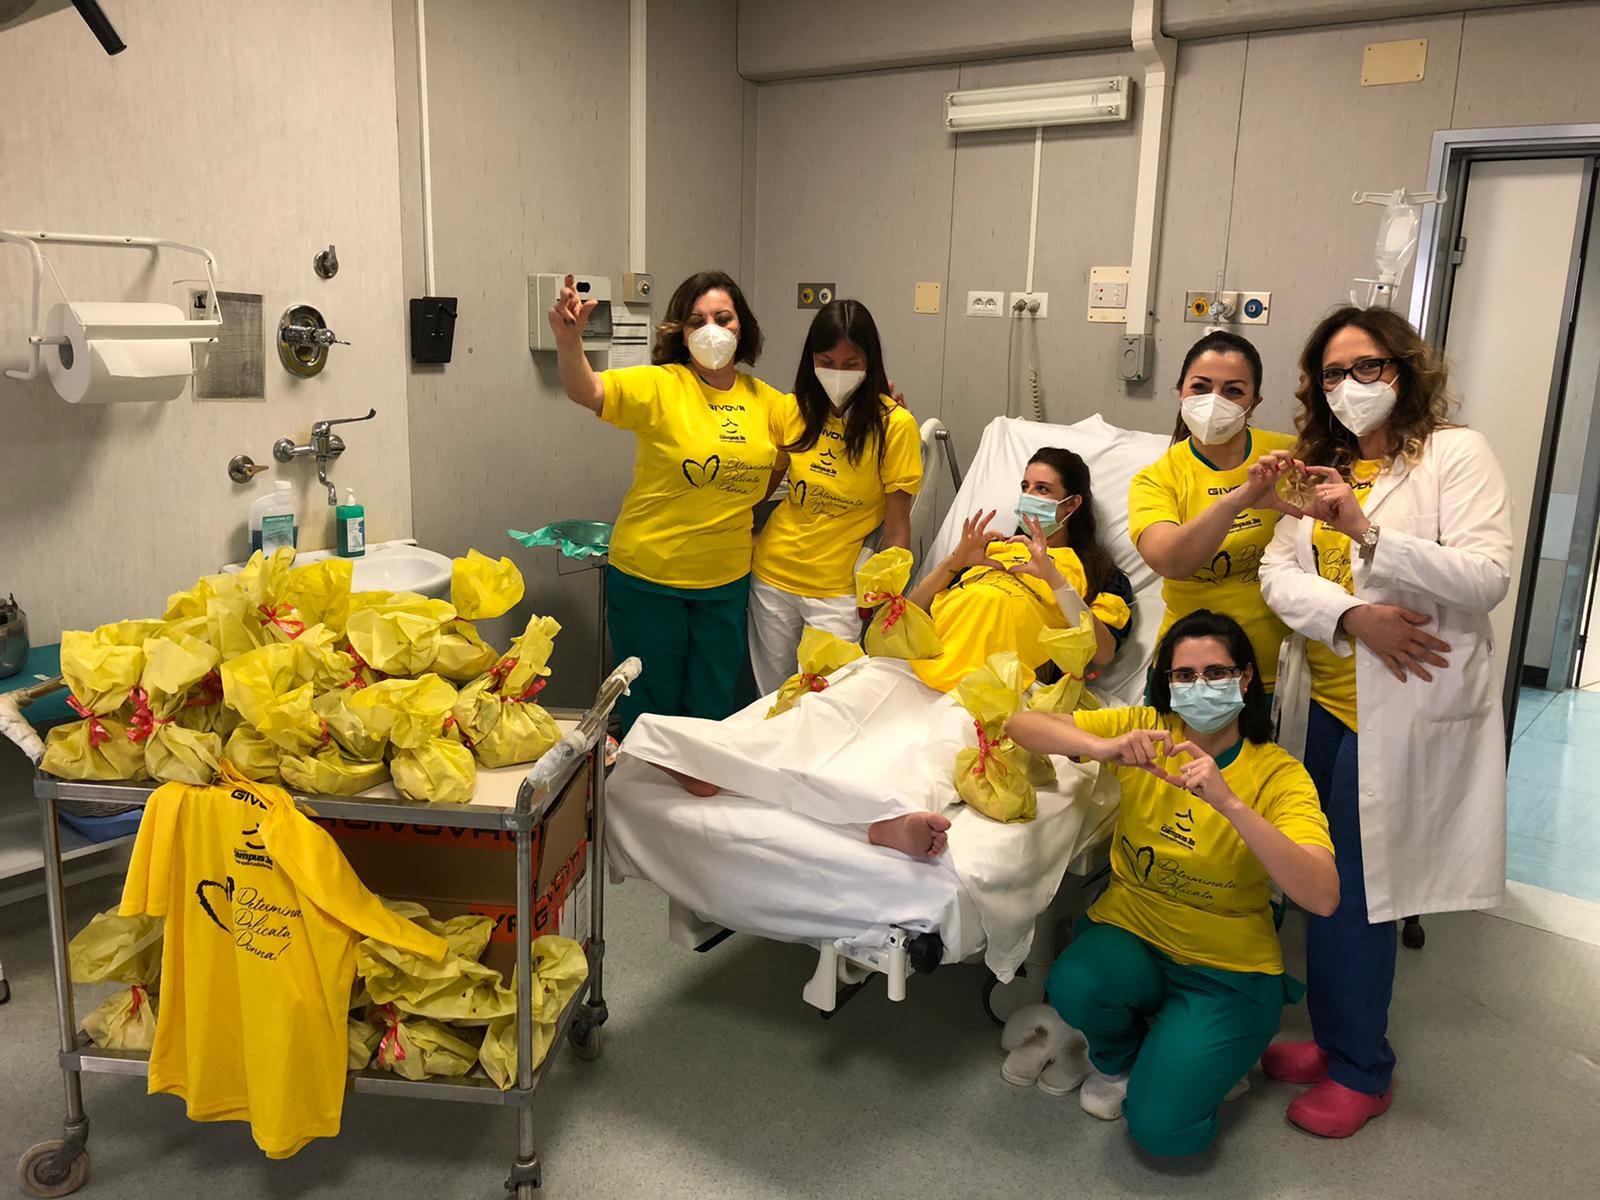 Colombe e uova di Pasqua al Policlinico Federico II di Napoli per promuovere i vaccini